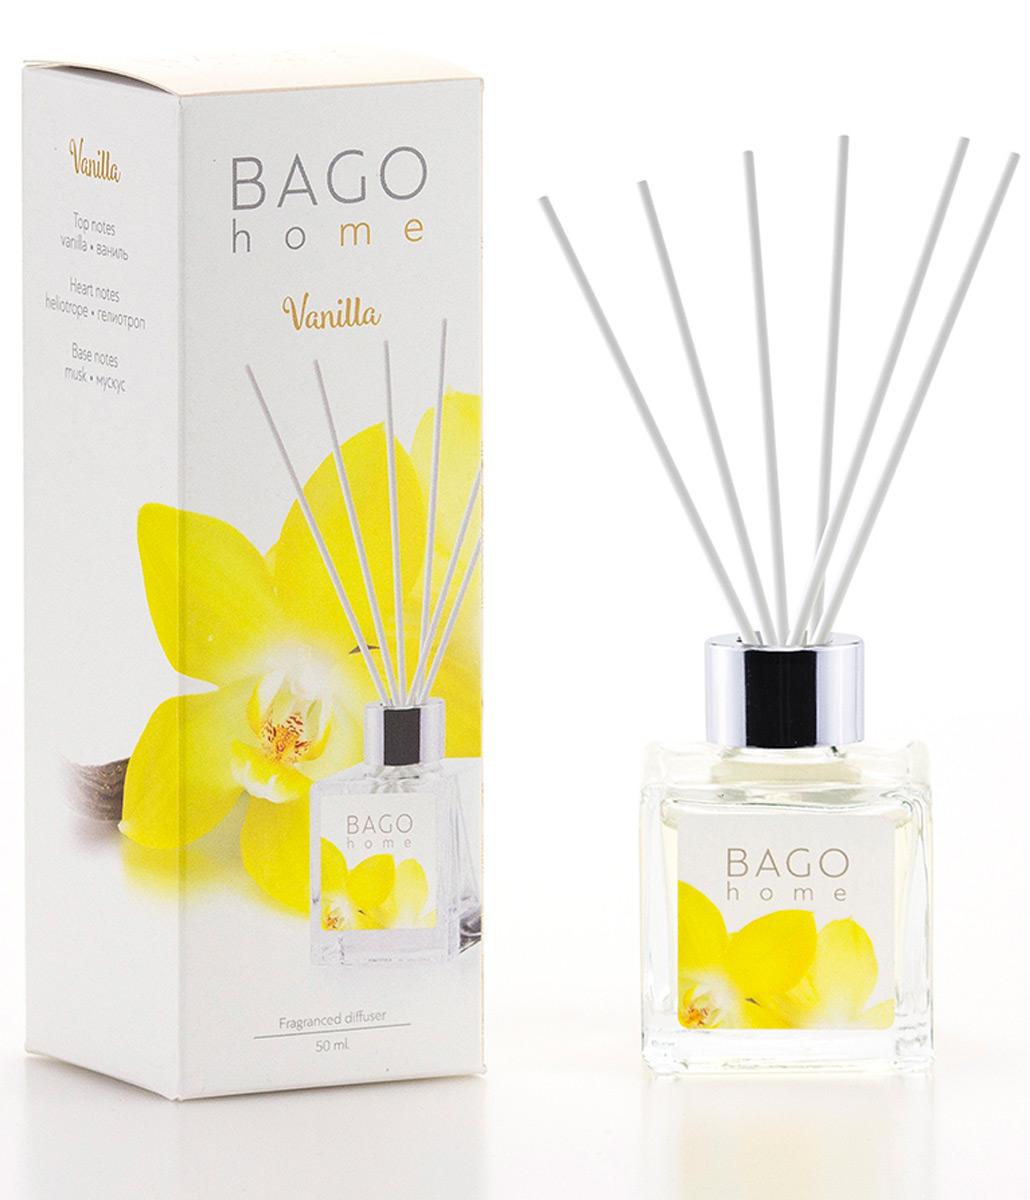 Мини-диффузор ароматический BAGO home Ваниль, 50 млBGH0601Ароматический мини-диффузор Ваниль имеет сладкий теплый аромат ванили. Он наполнит ваш дом этим приятным ароматом. Эта ваниль абсолютно уникальна. Ароматы разработаны ведущими парфюмерными домами Европы. В производстве использованы передовые технологии. Уникальная рецептура на основе компонентов растительного происхождения.